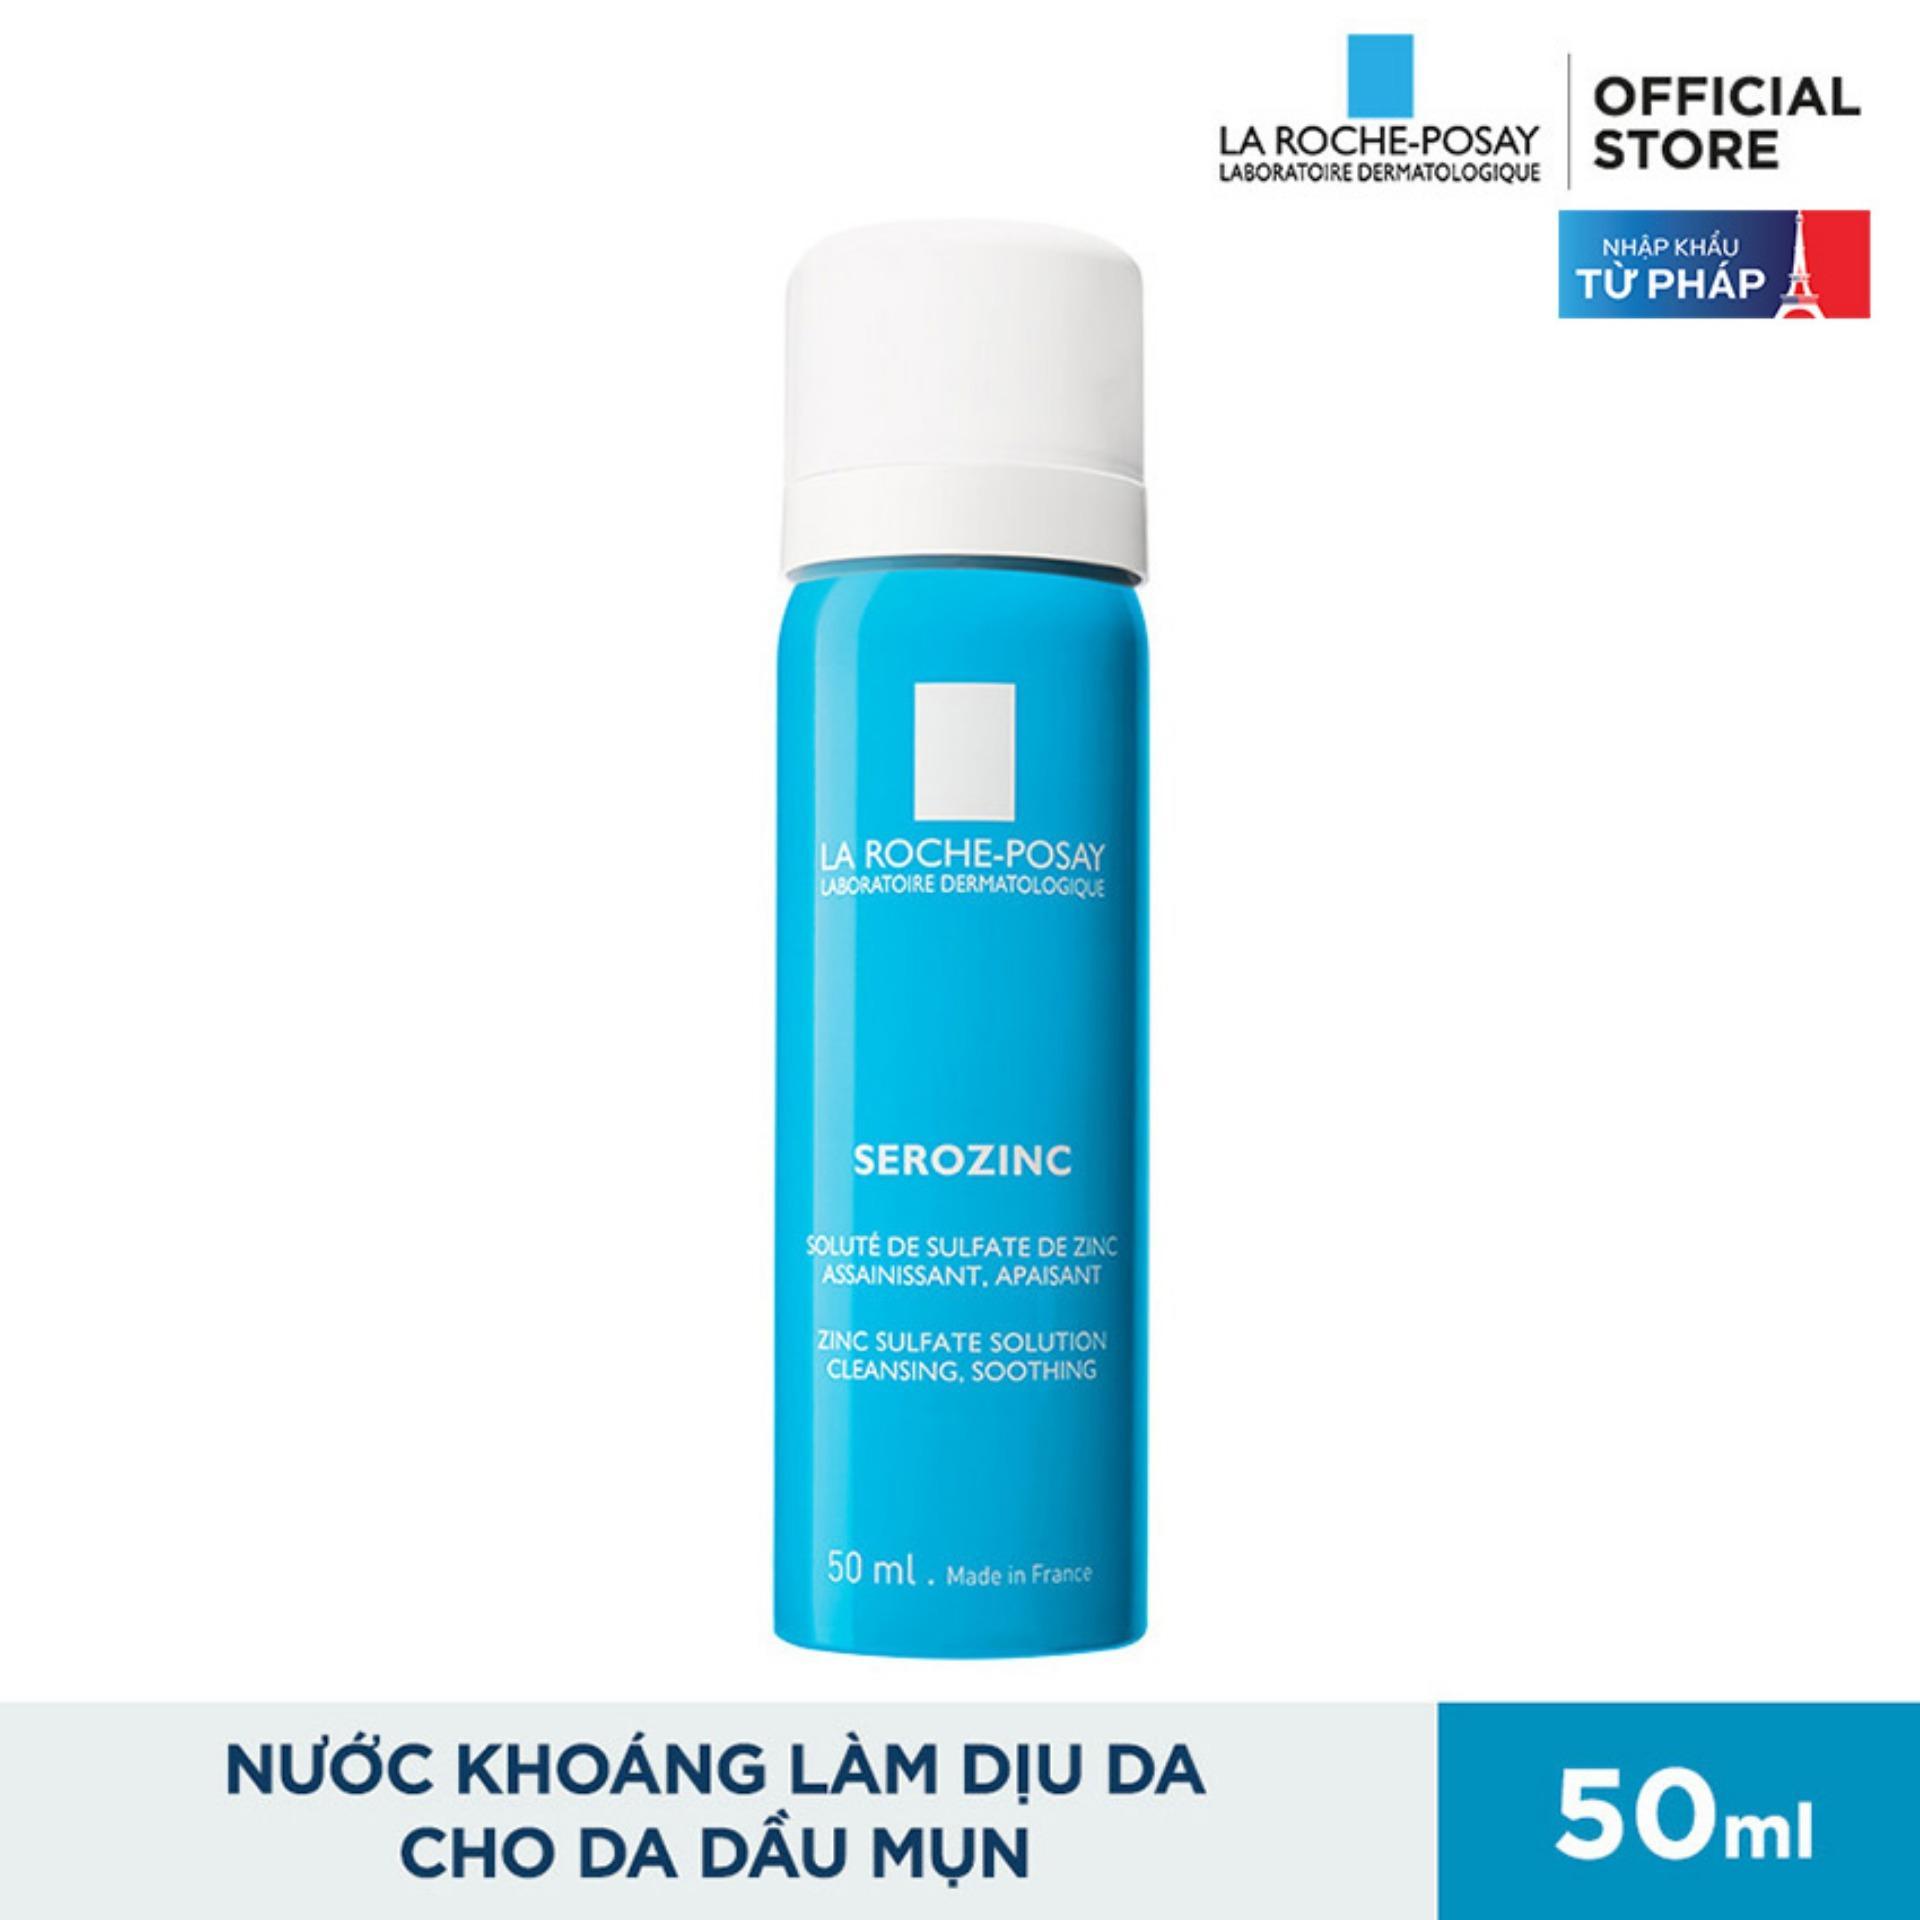 Xịt khoáng giúp làm sạch và dịu da La Roche Posay Serozinc 50ML chính hãng